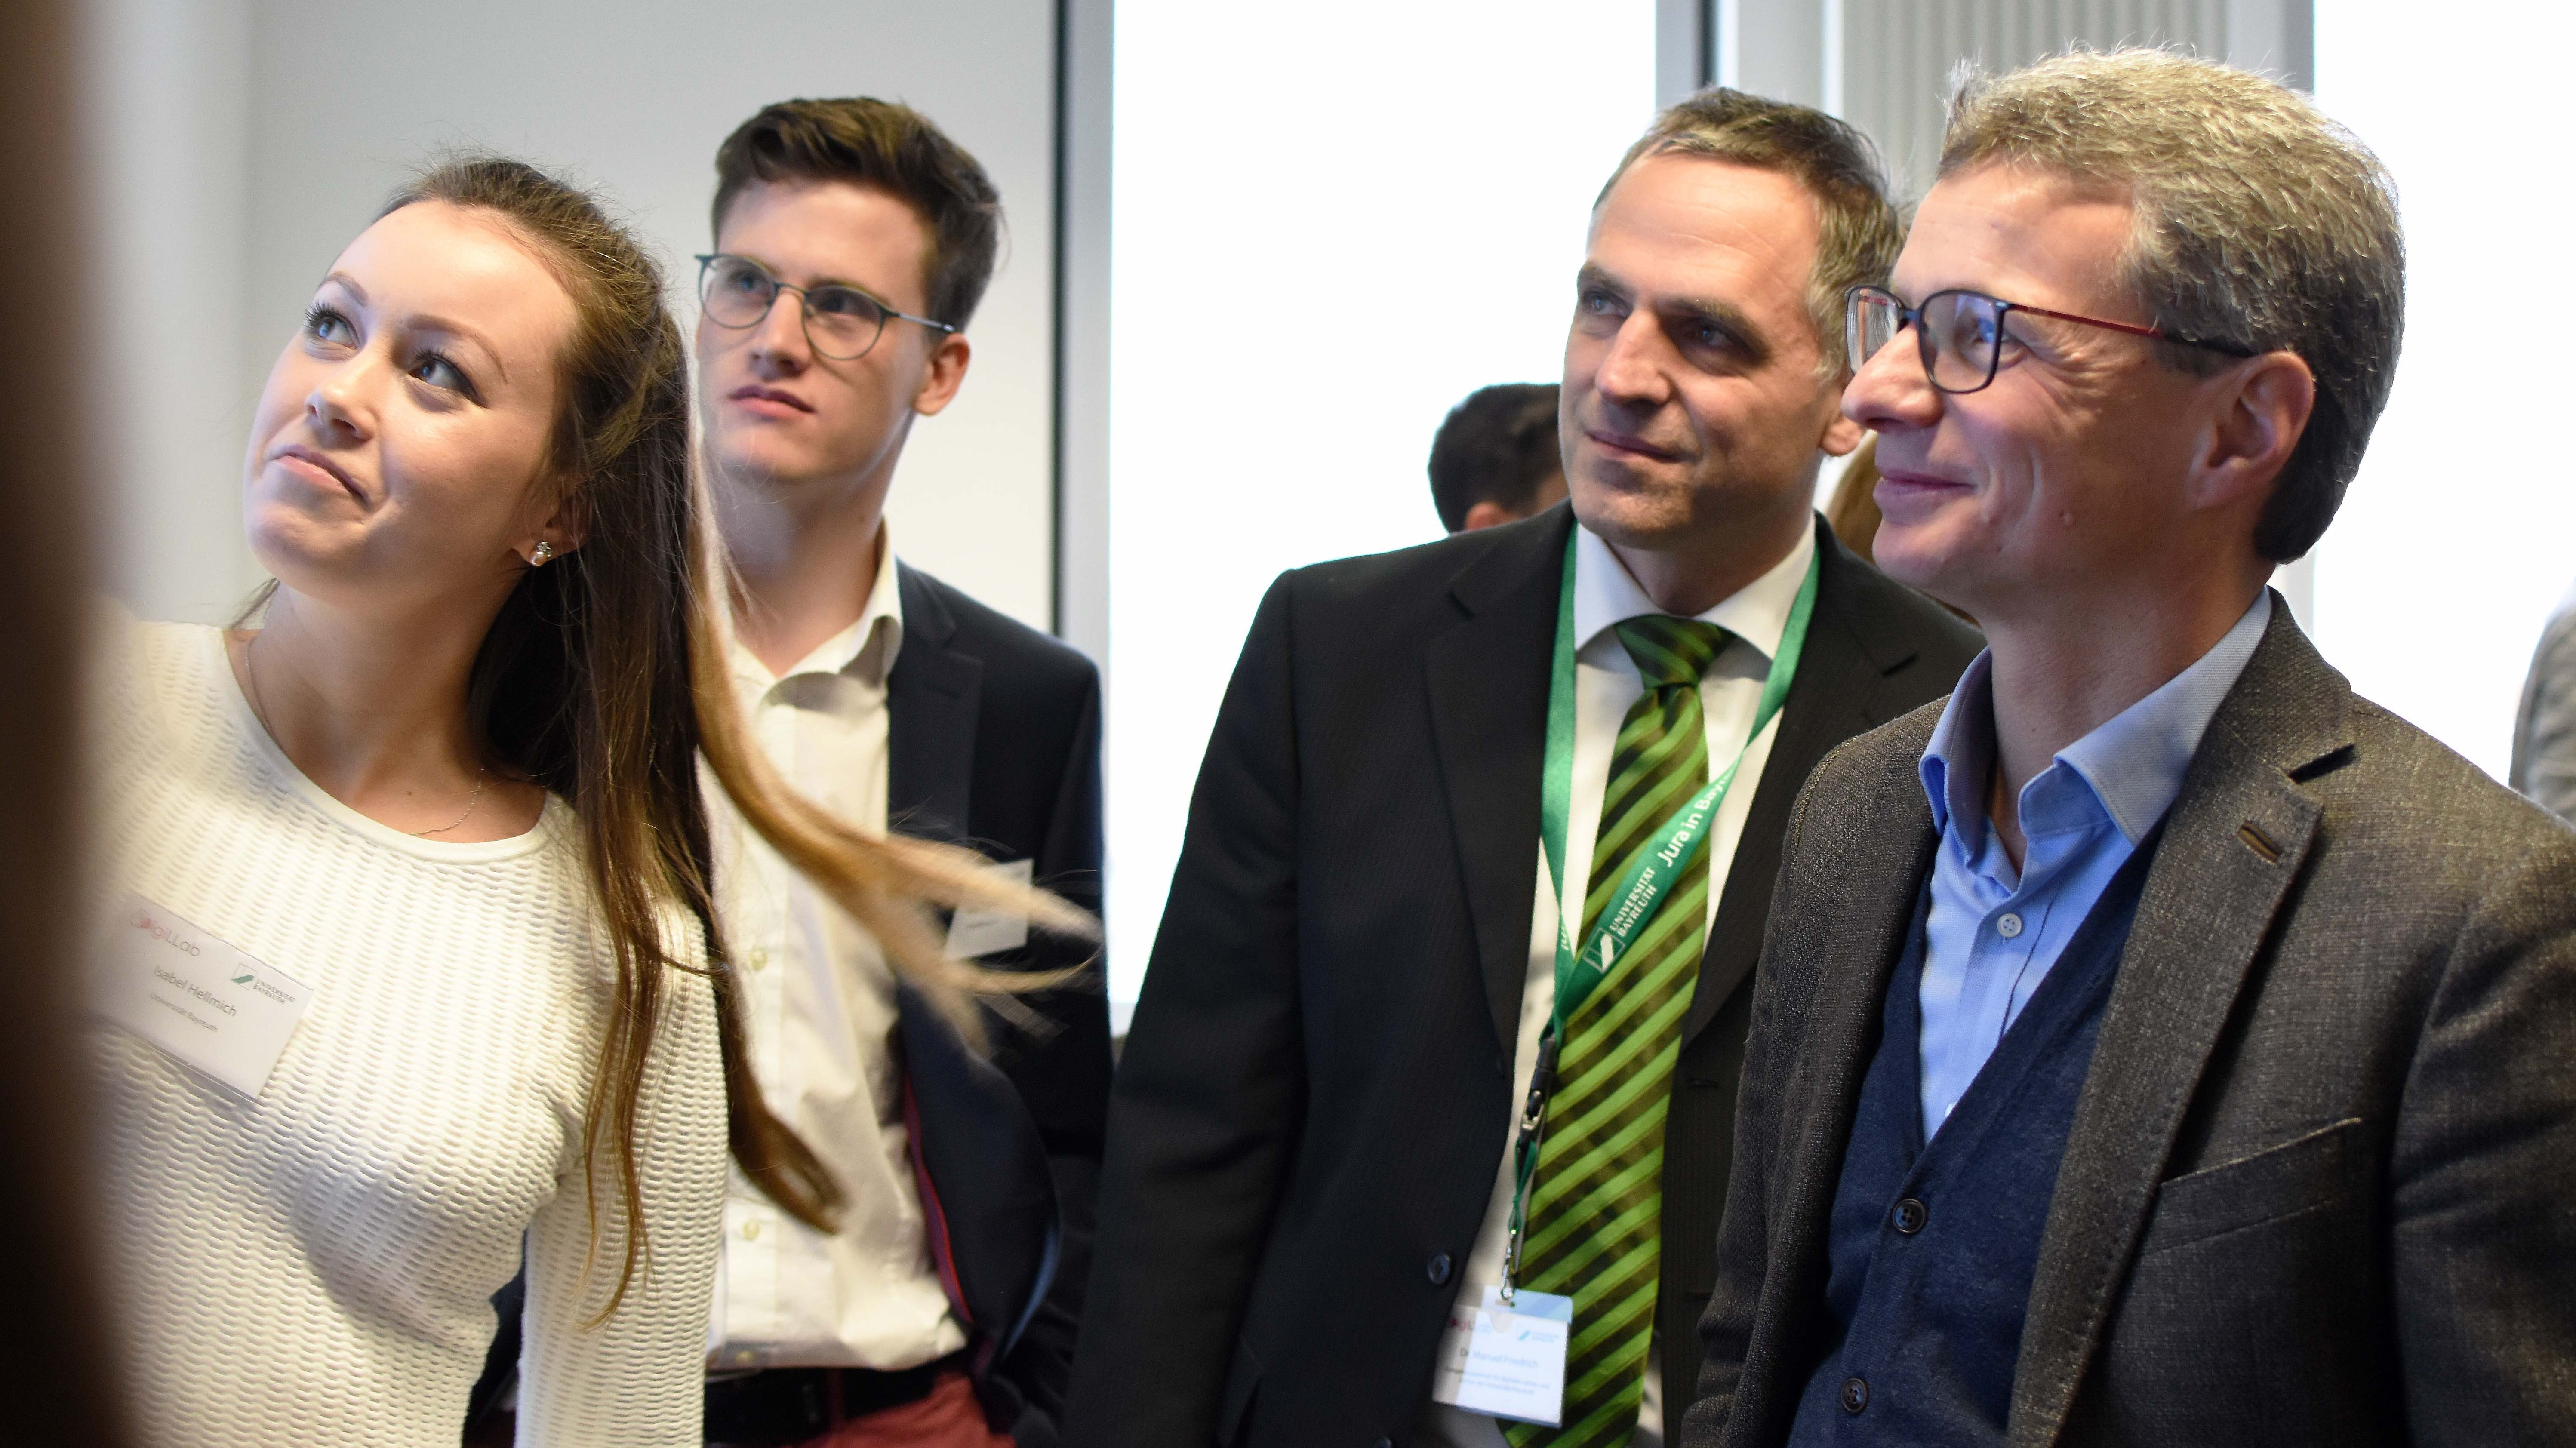 Wissenschaftsminister Bernd Sibler (CSU) blickt mit anderen Gästen bei der Eröffnung des DigiLLab an der Uni Bayreuth auf einen Monitor an der Wand.